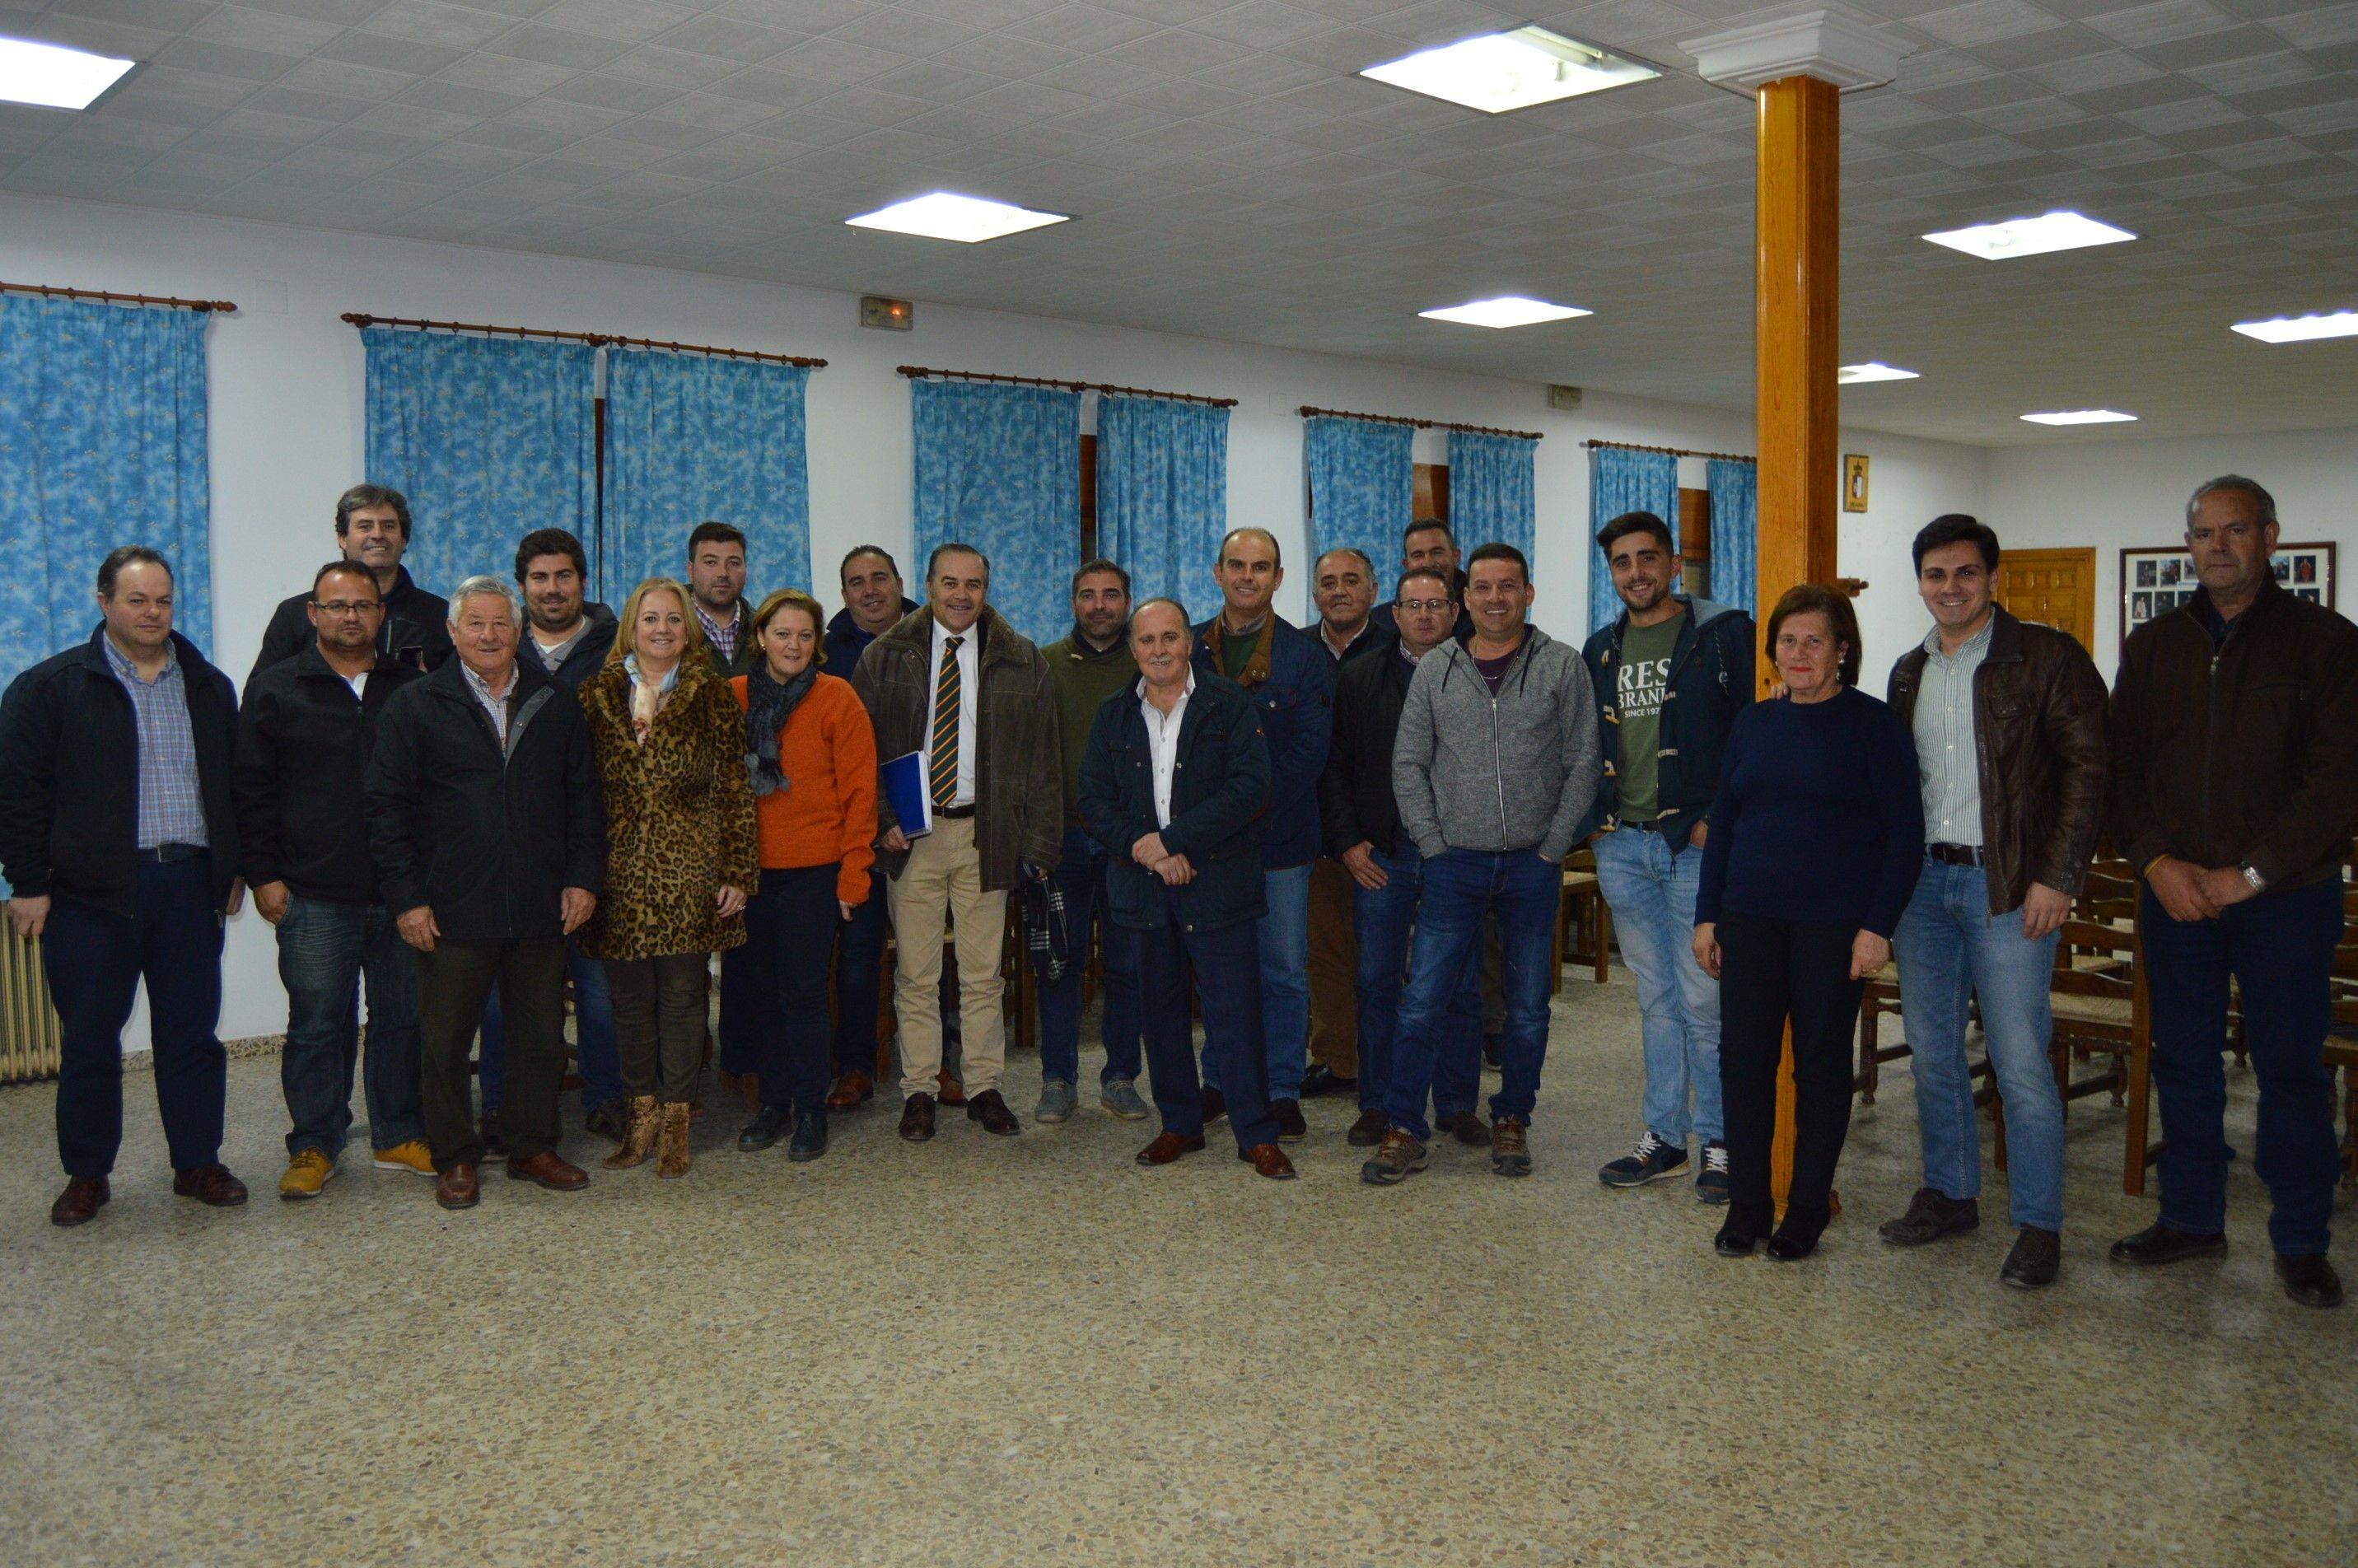 Gregorio reafirma el total apoyo del PP al sector agrícola y ganadero, pilar fundamental económico y social en la provincia Toledo